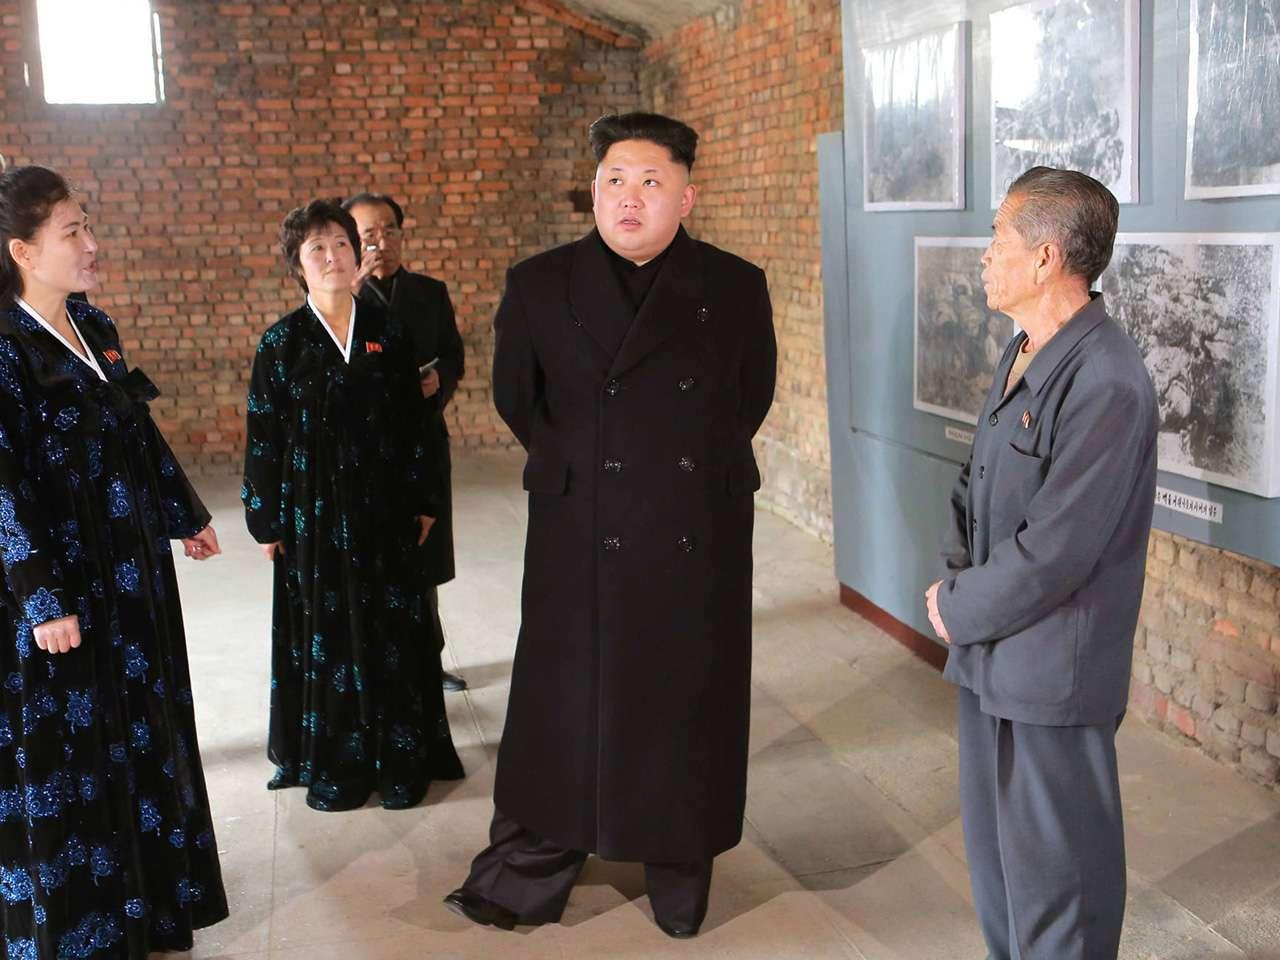 El líder norcoreano visitó el museo militar este martes Foto: AFP en español